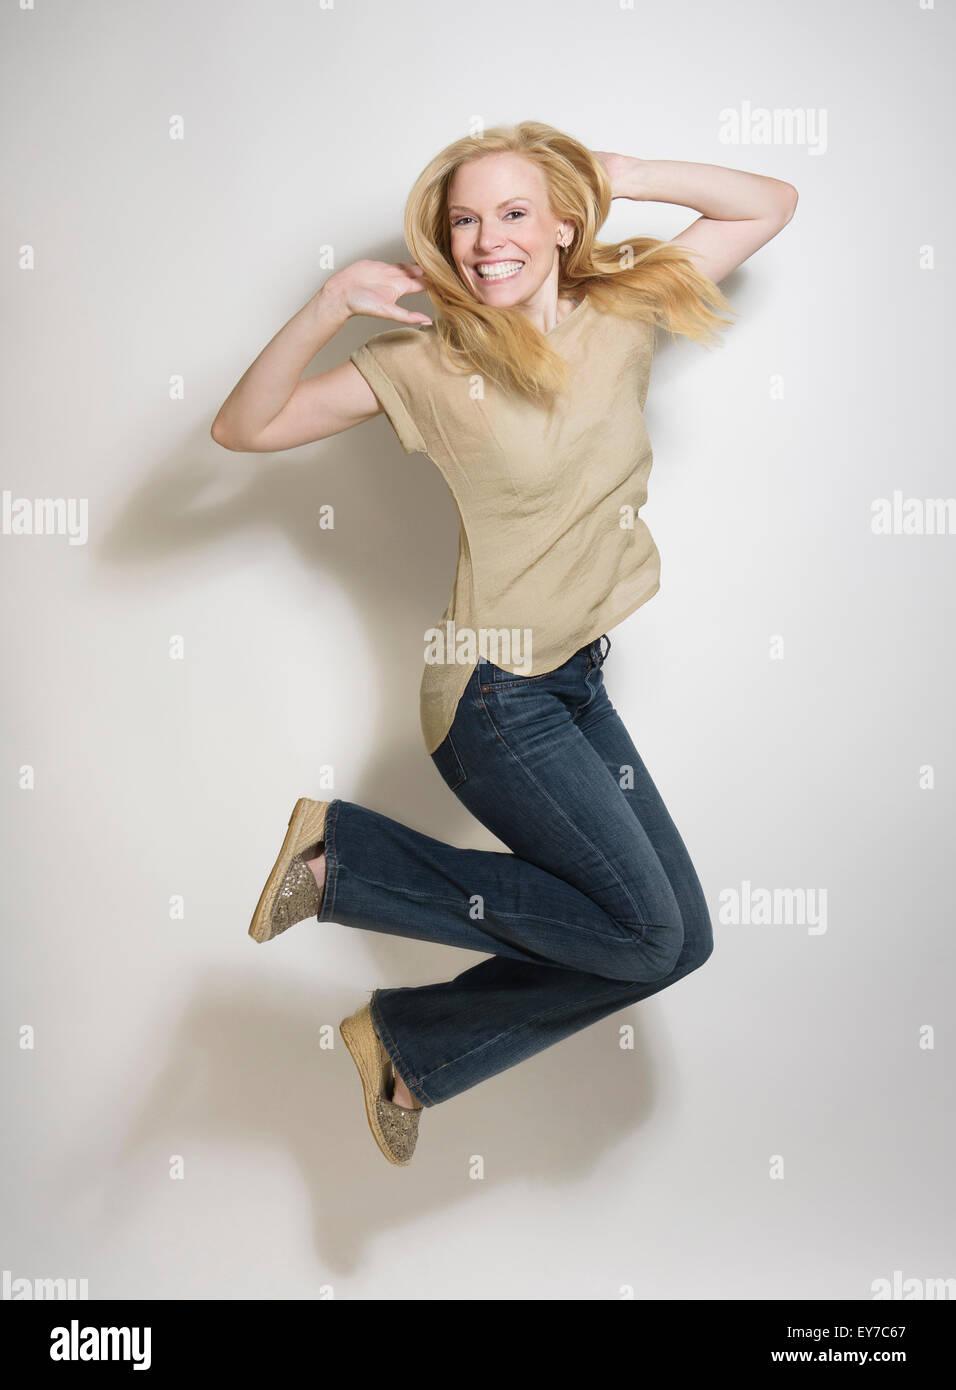 Ritratto di metà donna adulta jumping Immagini Stock